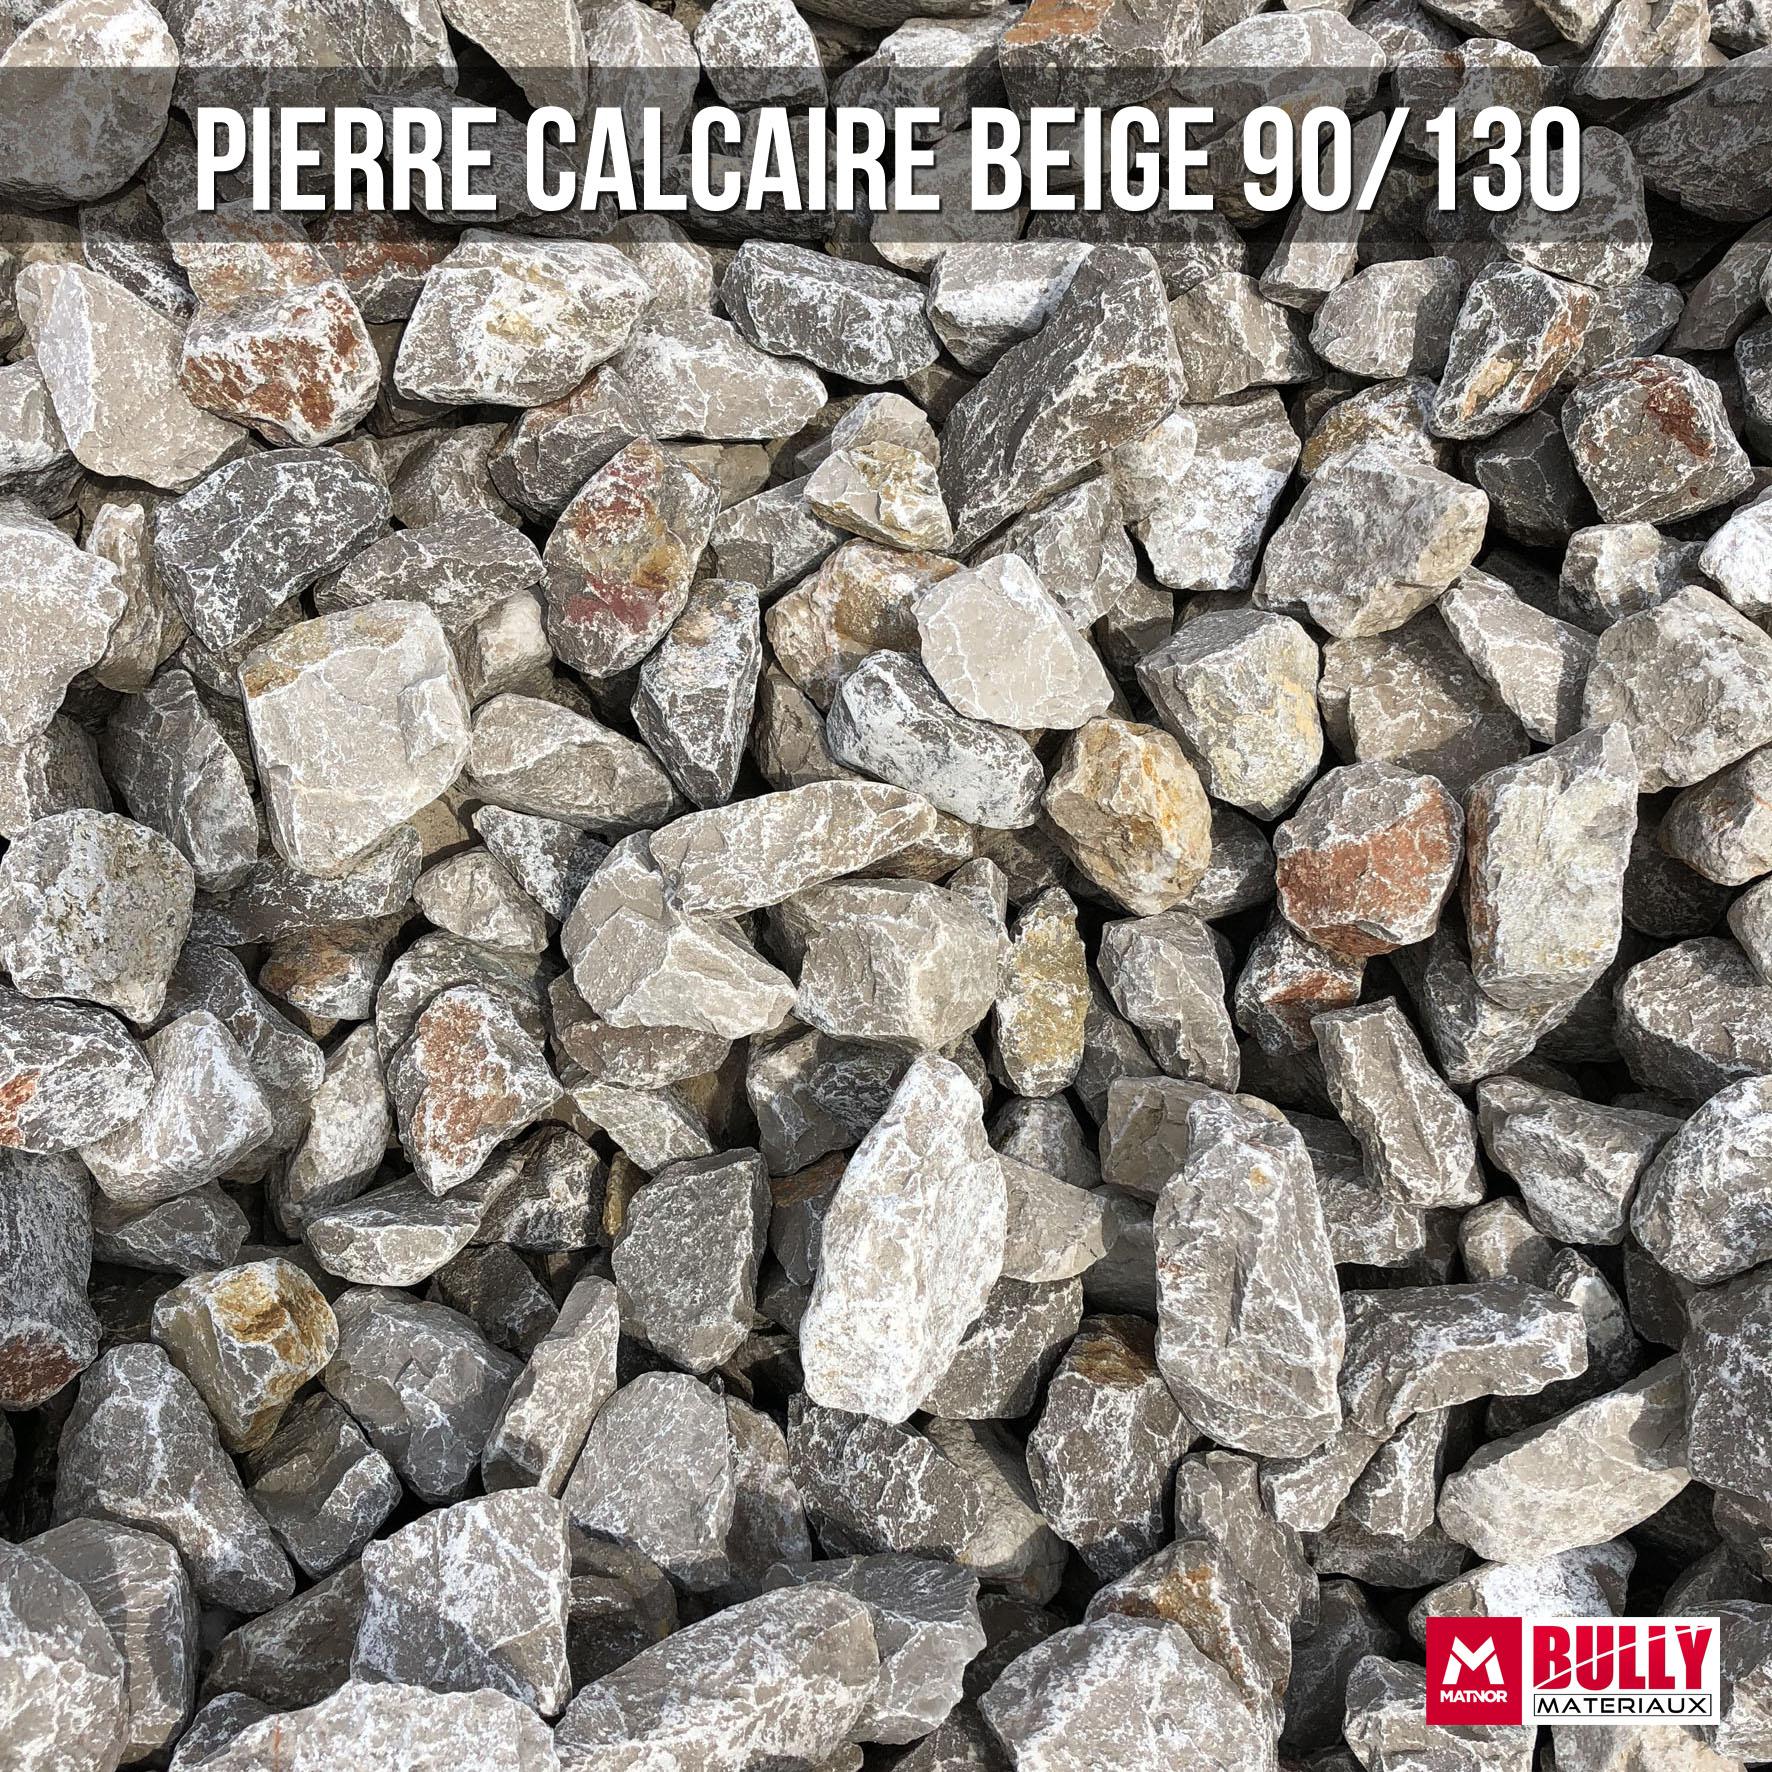 Pierre calcaire beige 90/130